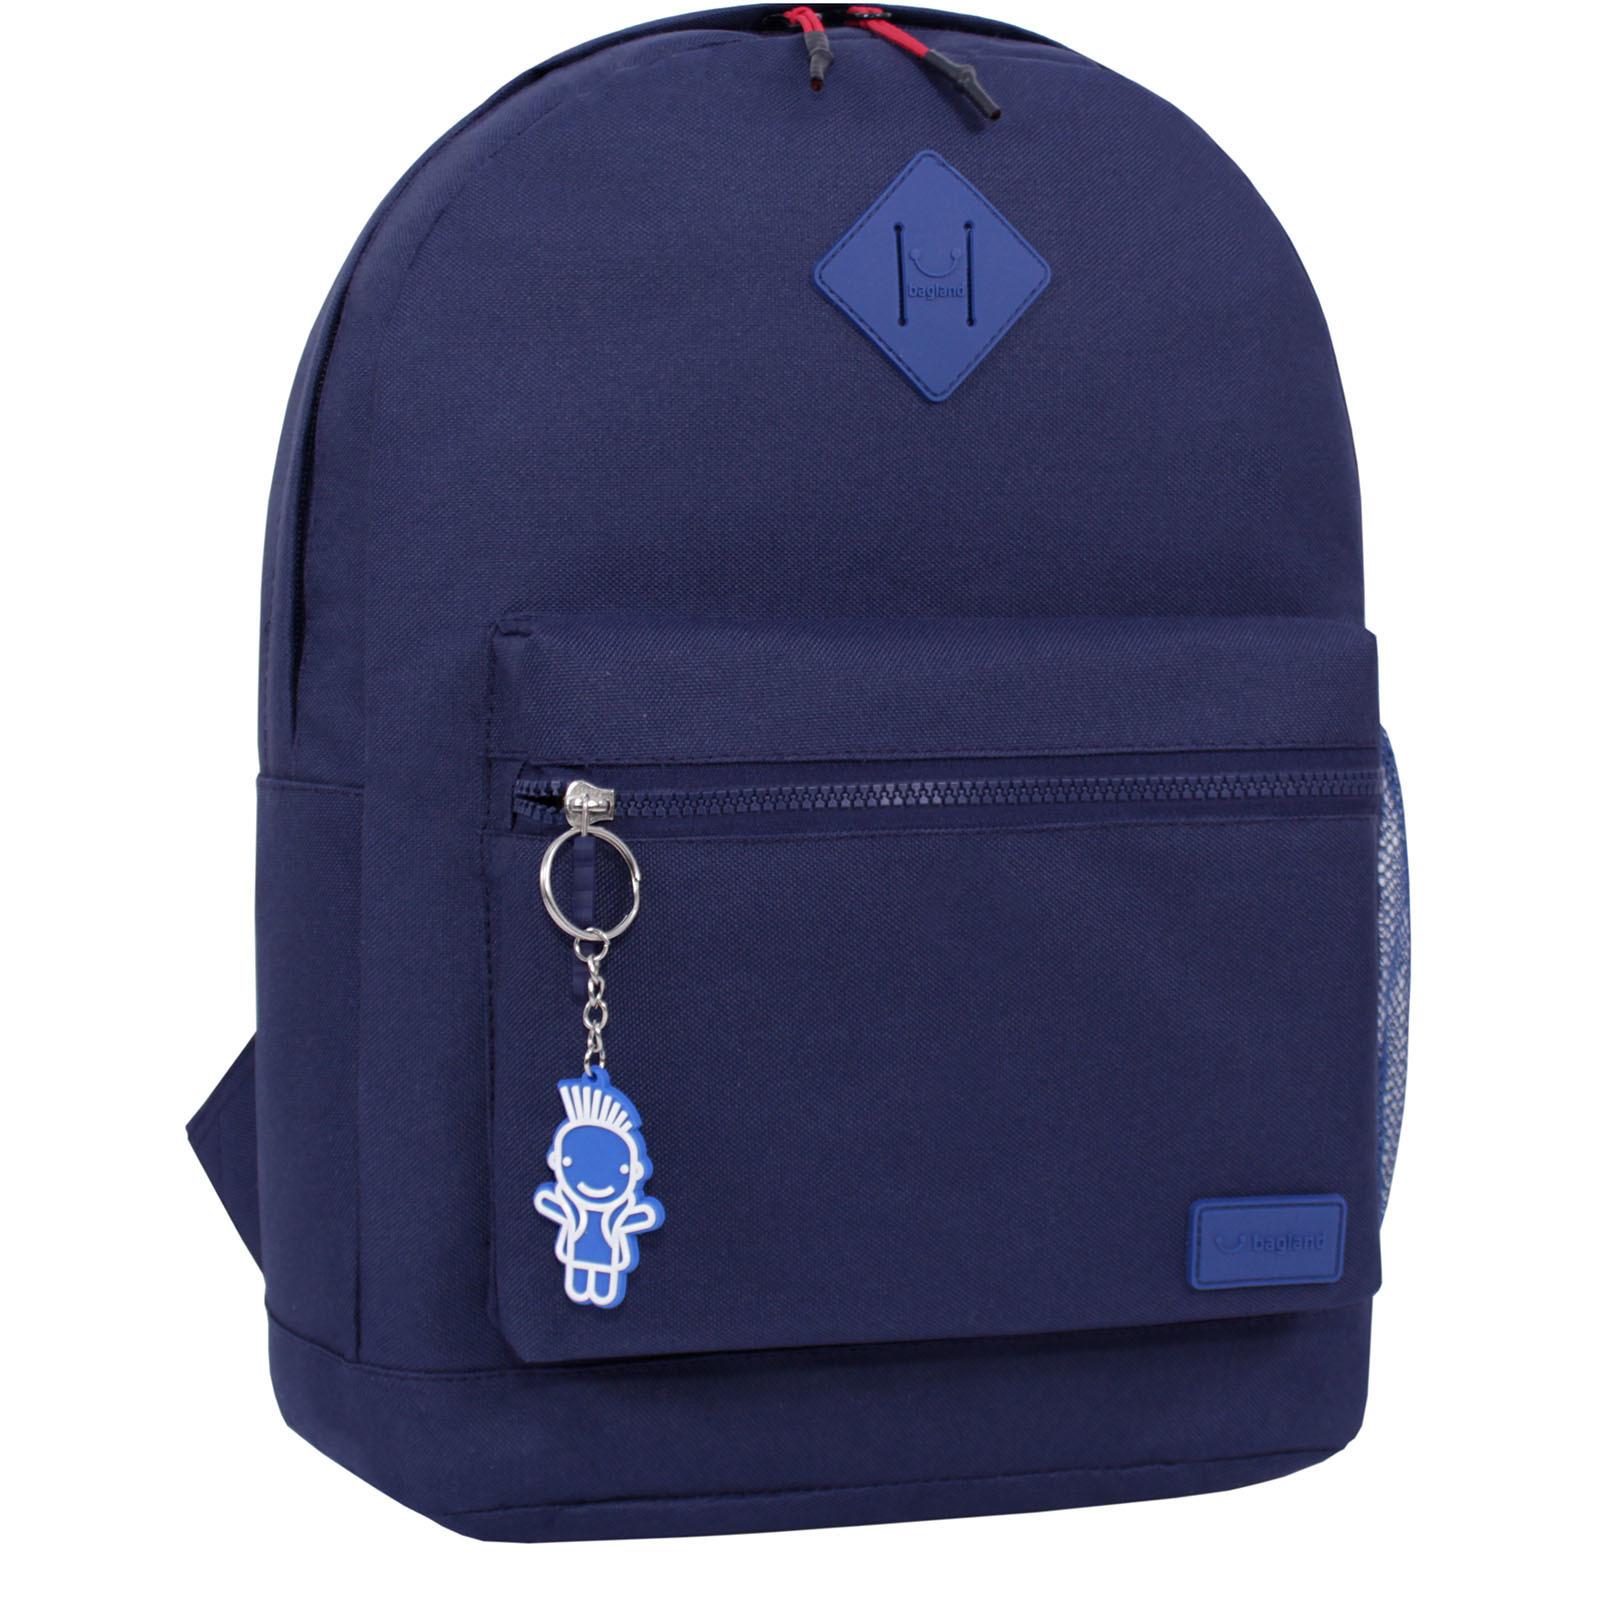 Молодежные рюкзаки Рюкзак Bagland Hood W/R 17 л. чернильный 482 (0054466) IMG_6144_суб.482_.JPG